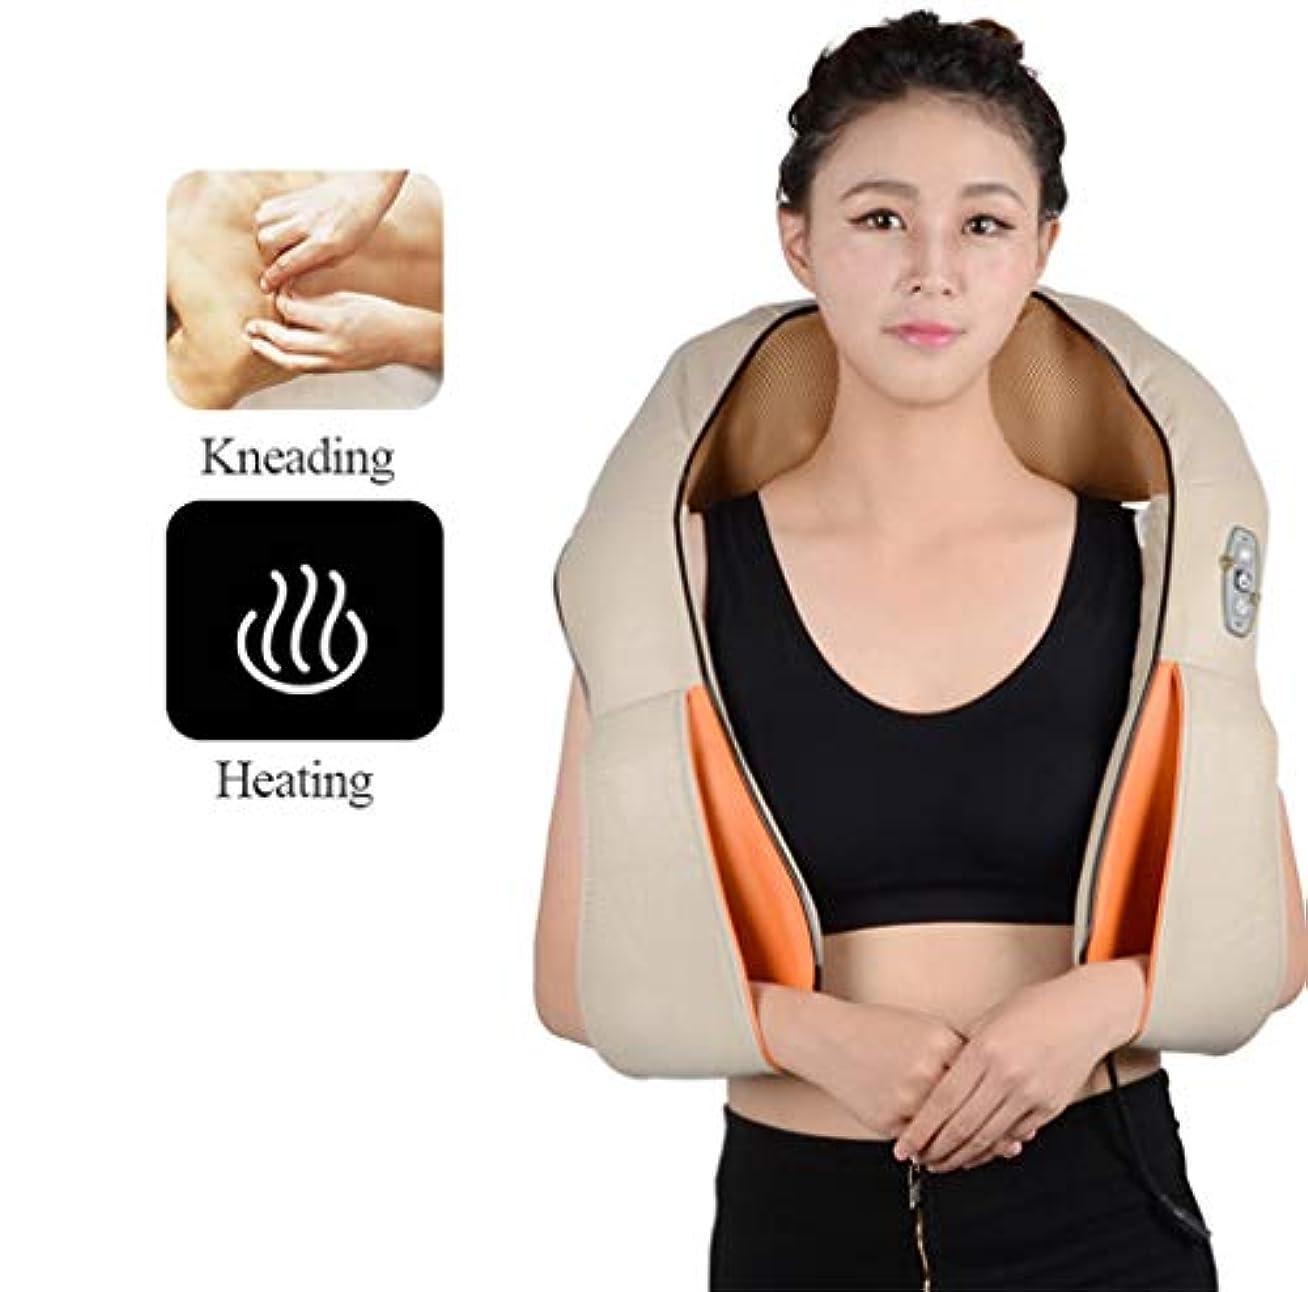 特殊契約進化男性のためのギフトのための熱い - 指圧の首のマッサージャーが付いている首の肩の背中のマッサージャー女性のママのお父さん - 筋肉のための深い混練のマッサージ車のオフィスおよび家のリラックス